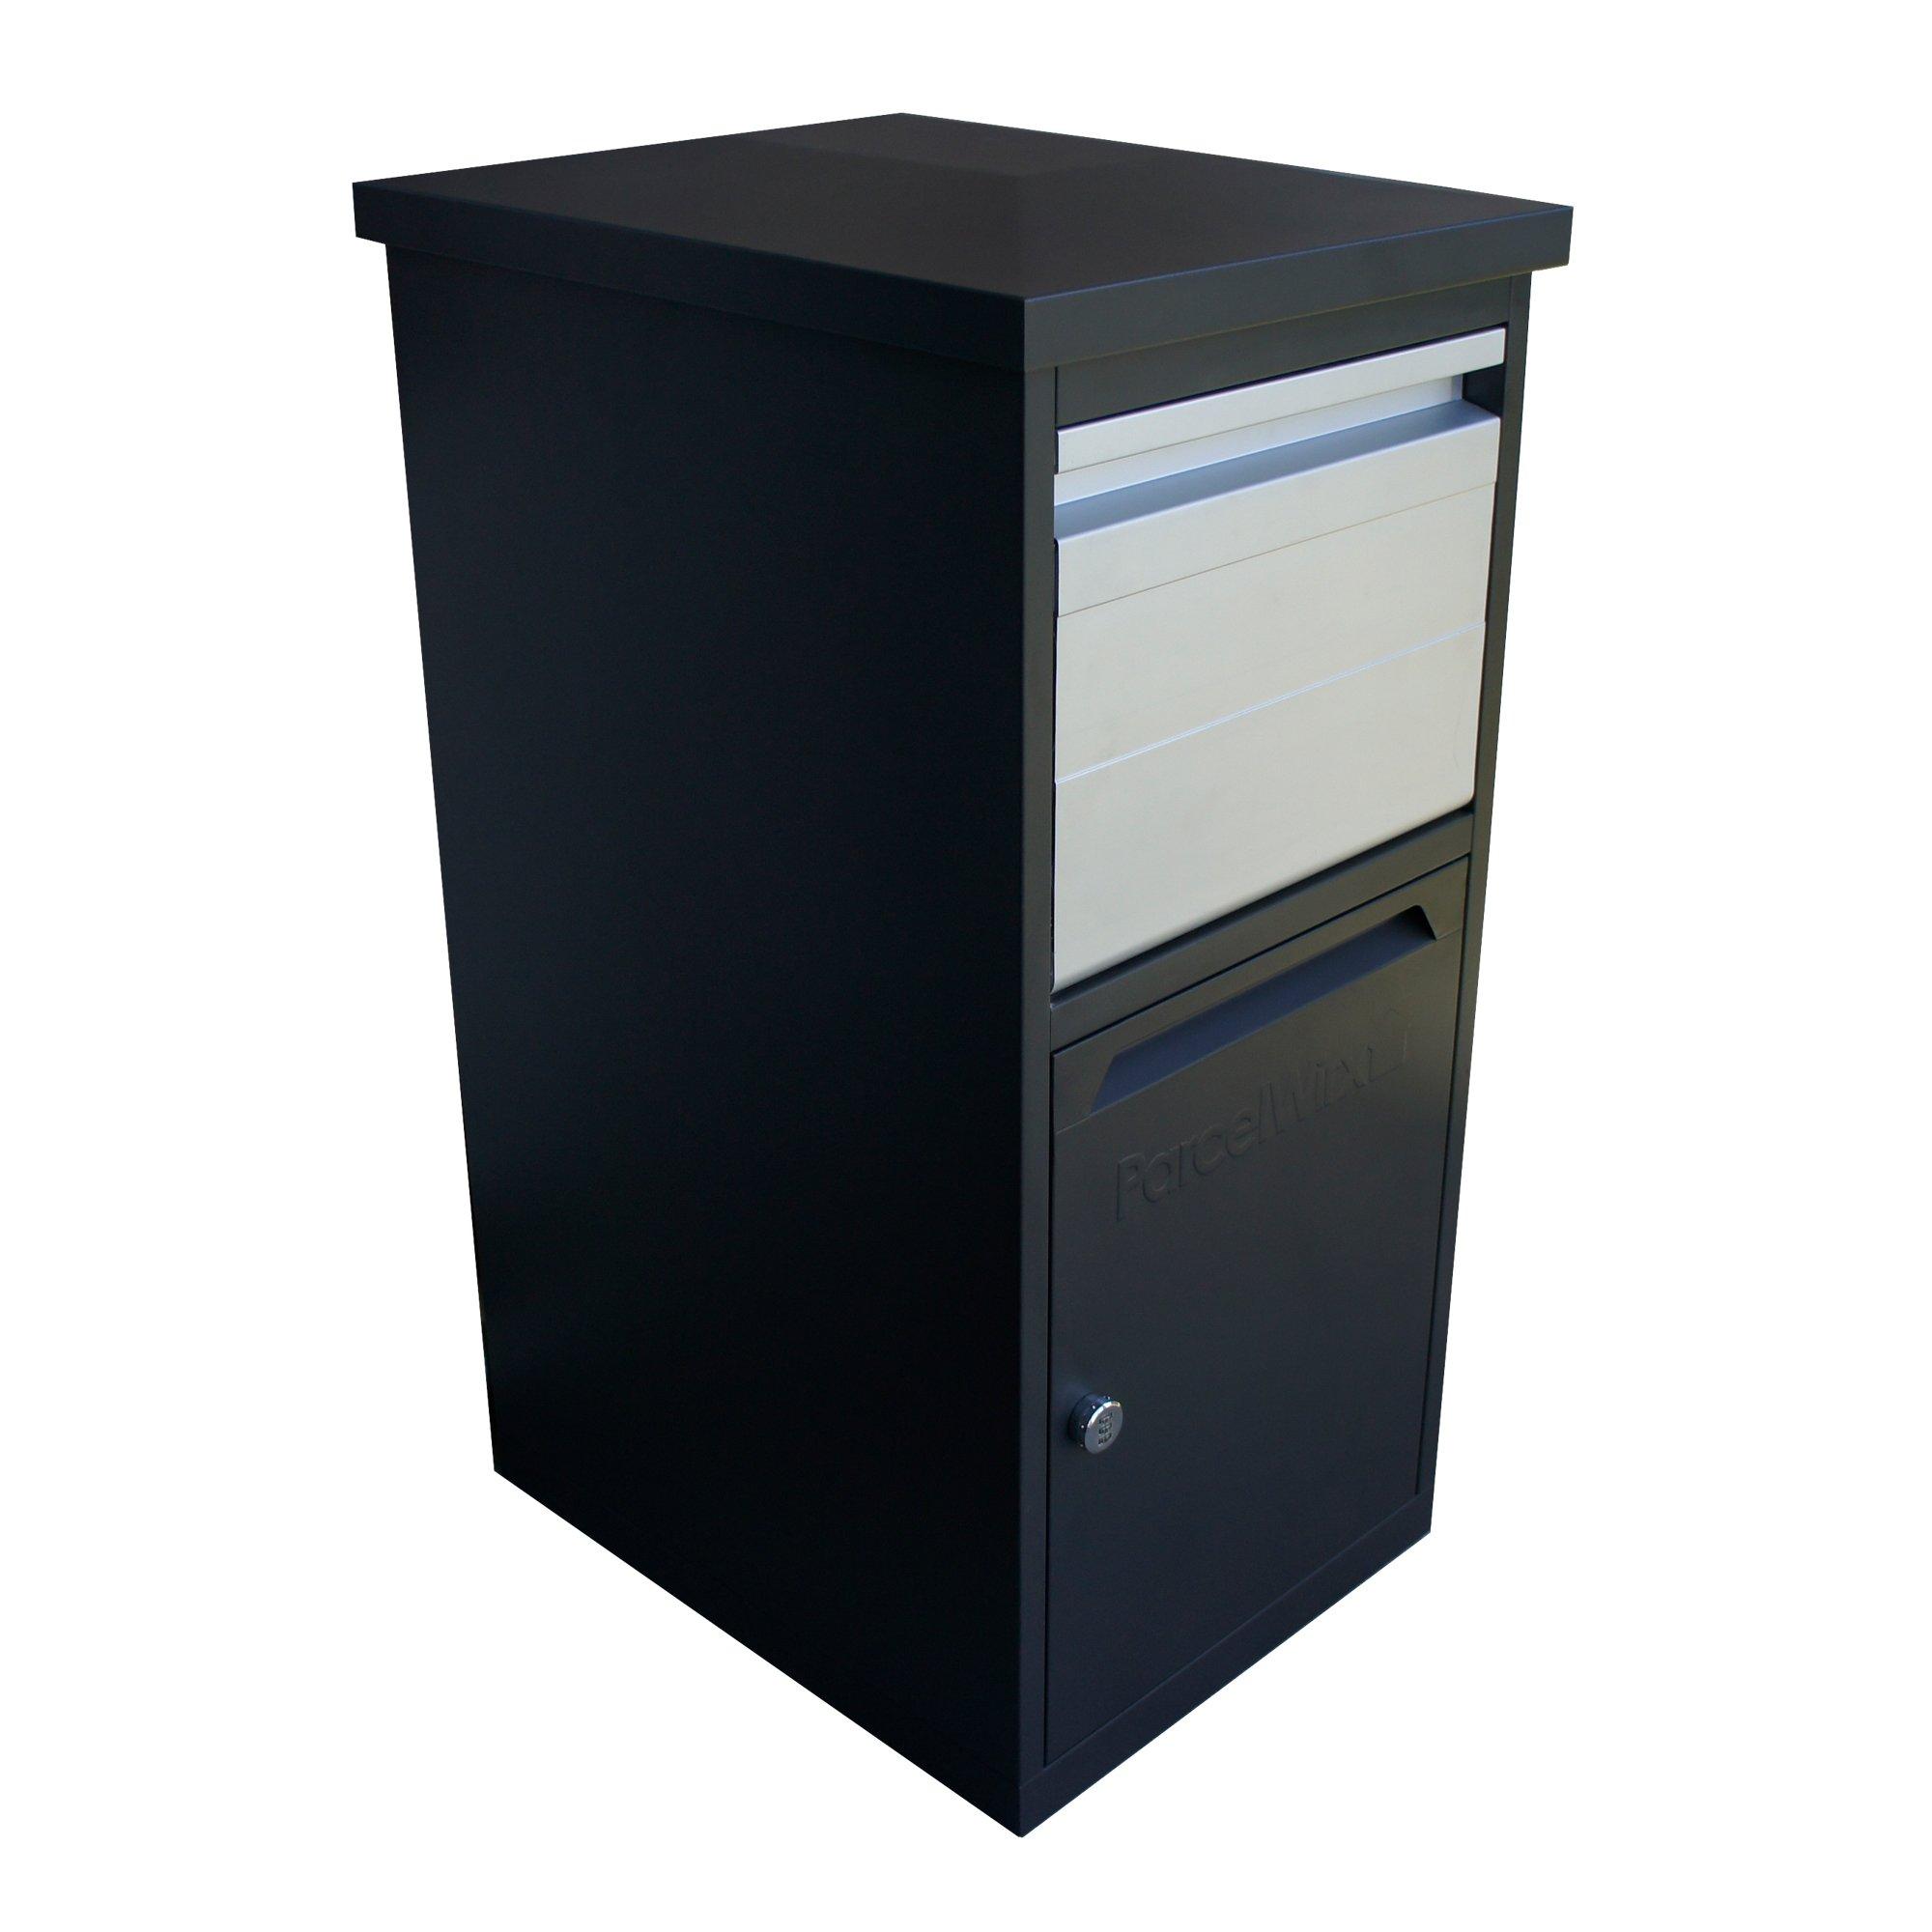 RTS Home Accents 5502-00101A-70-81 Secure Dropbox Parcelwirx Parcel, Graphite